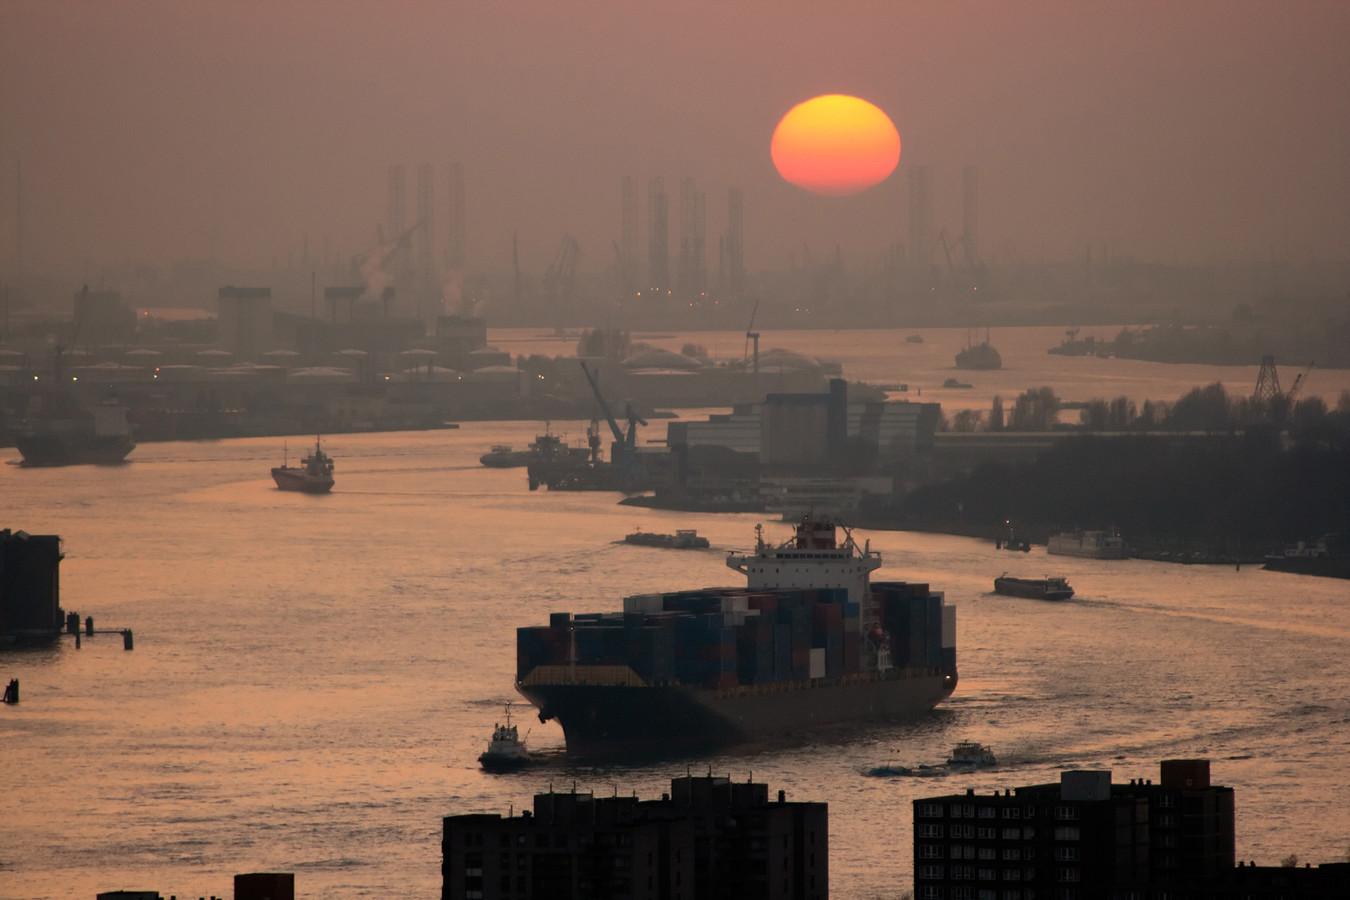 De Rotterdamse haven strikt uitvinders. Een kwart gaat over het milieu.